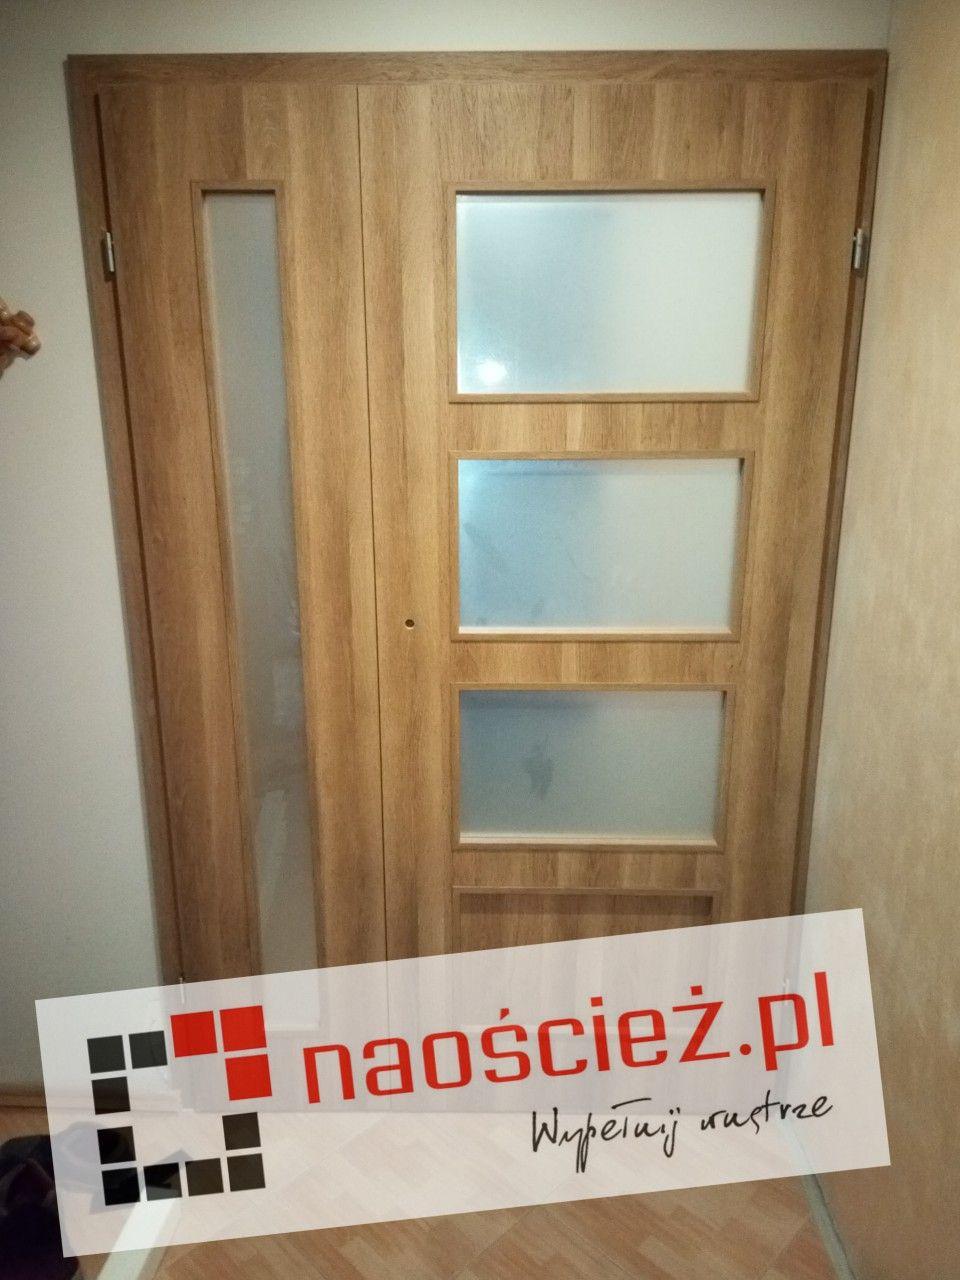 Groovy Drzwi DRE model Modern z dostawką boczną w kolorze dąb polski 3d JJ19